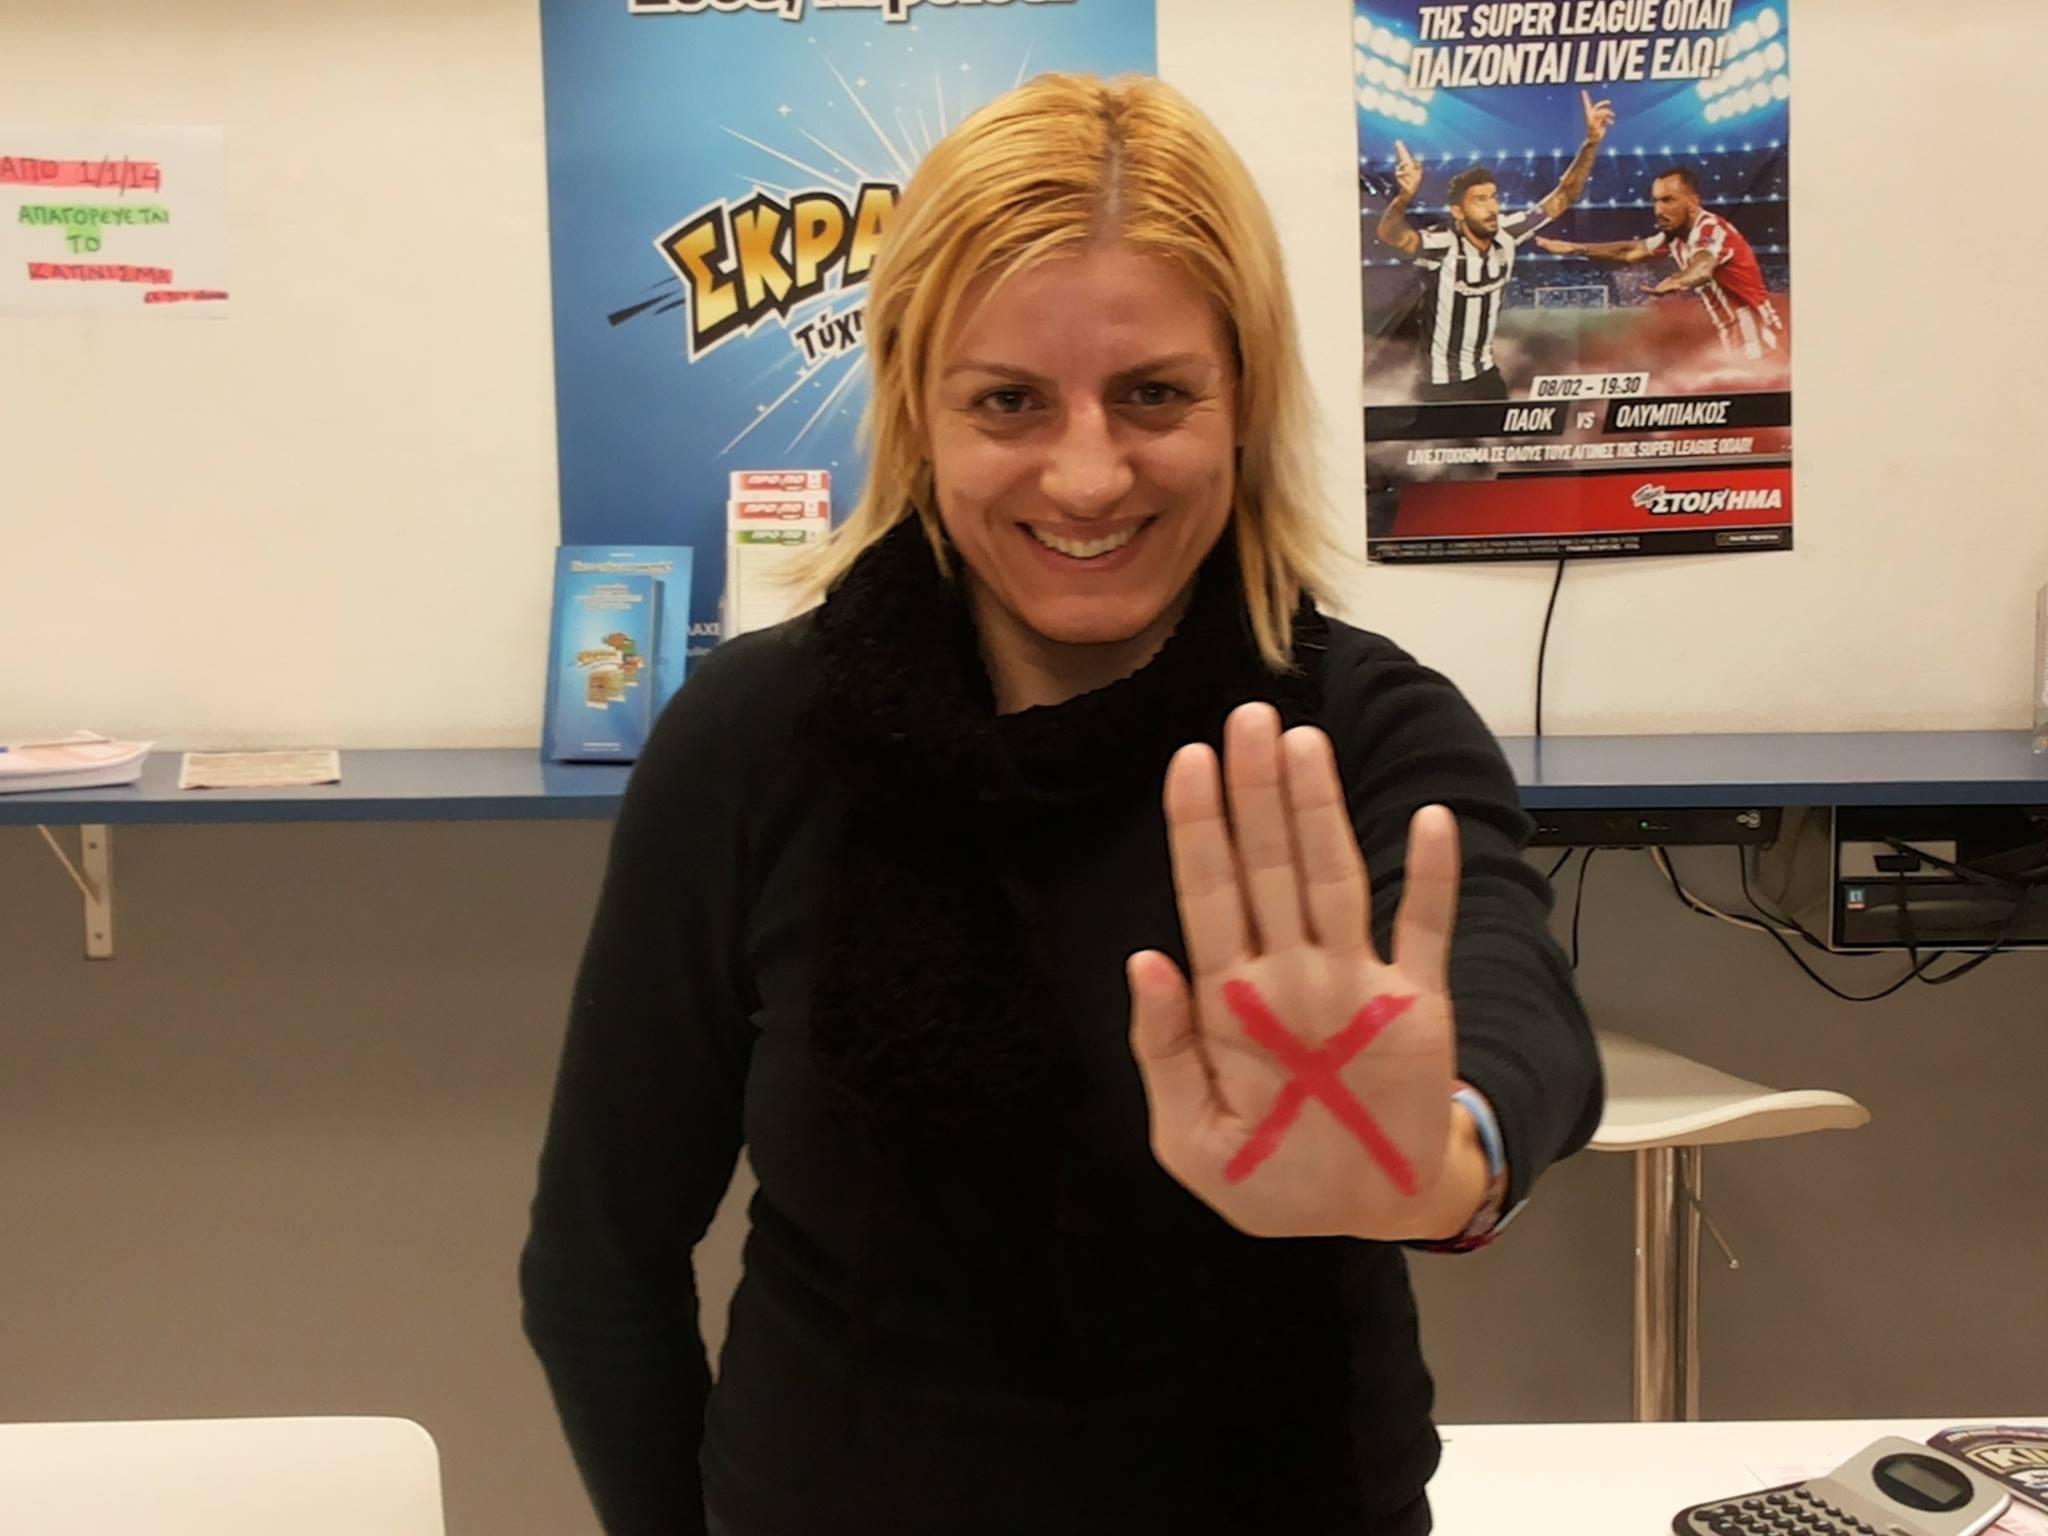 Λέμε όχι στην παιδική βία - Βούλα Ζυγούρη 1